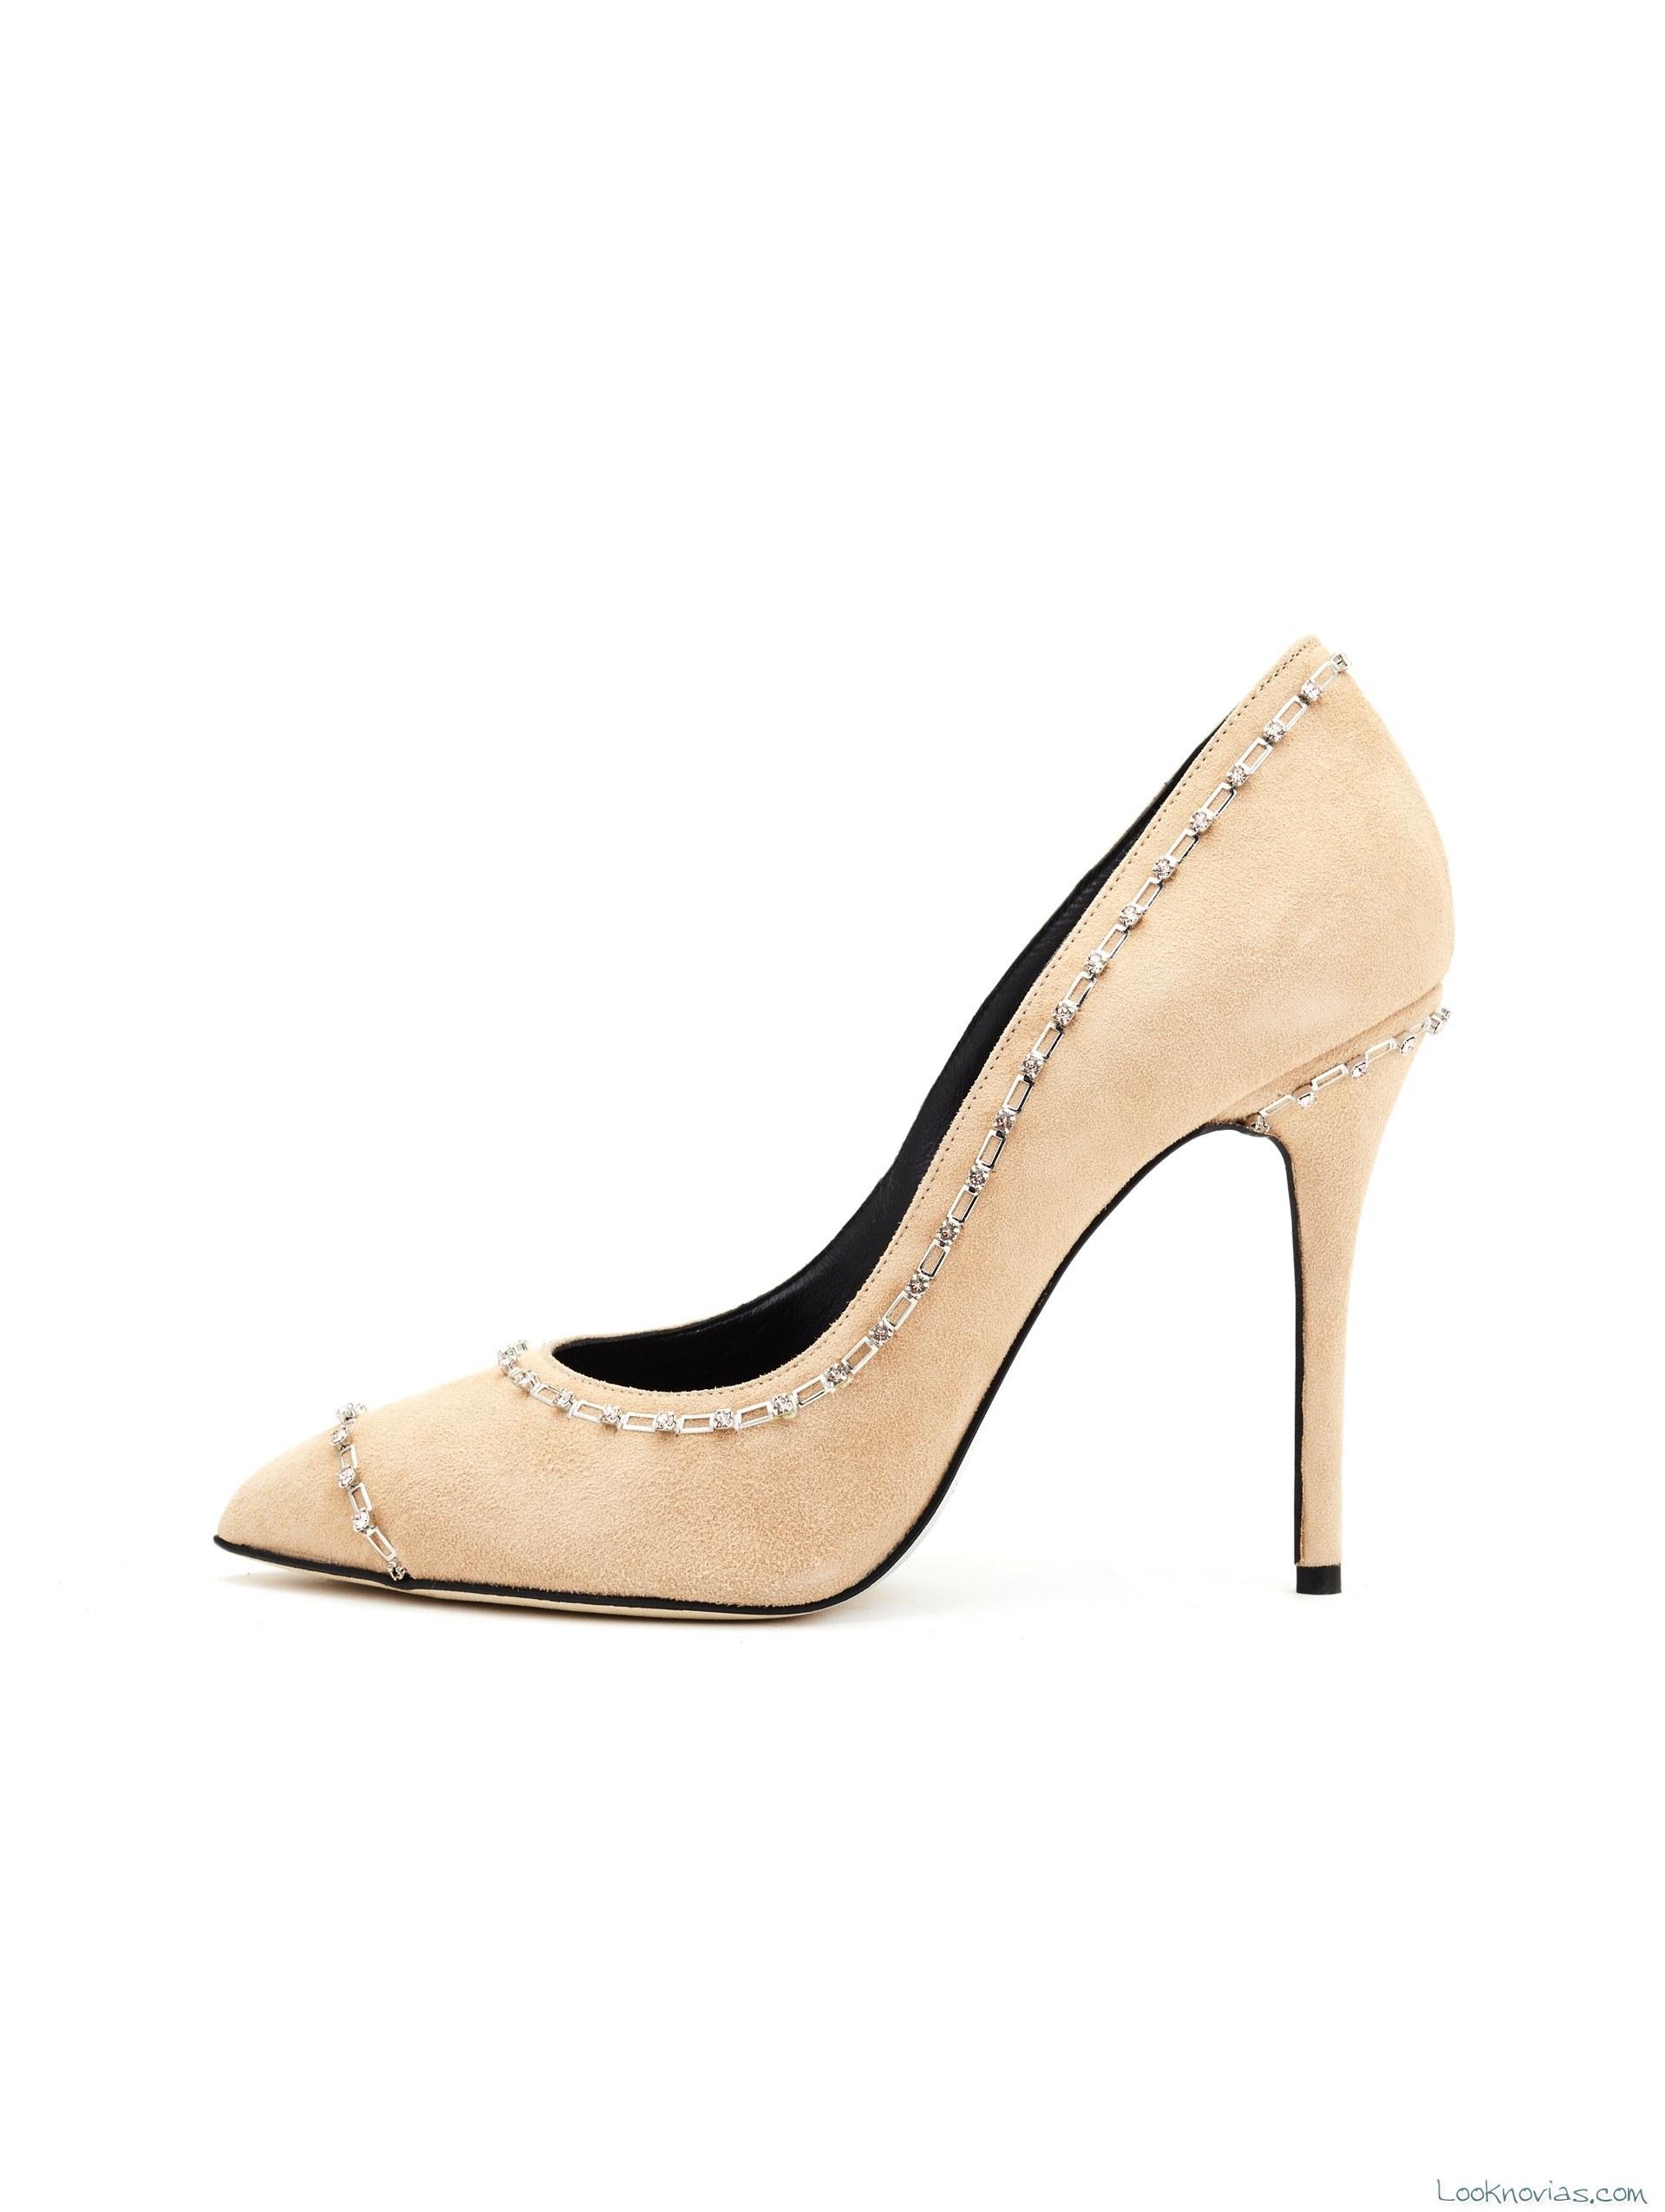 zapato de tacón en color nude